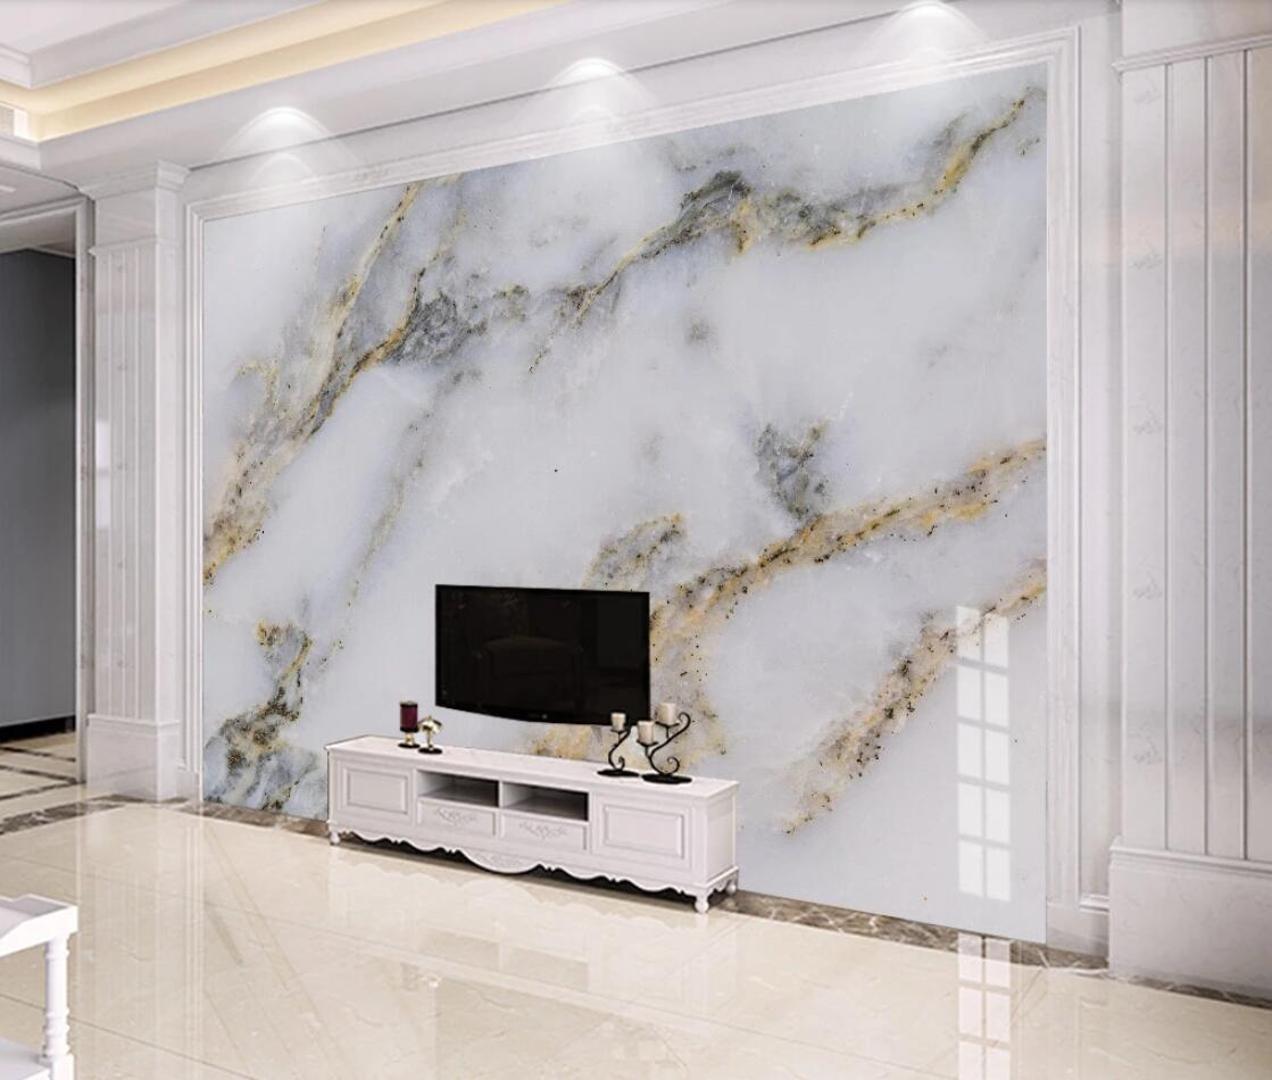 Papier Peint Chambre Moderne moderne papier peint en marbre blanc 3d murale pour tv fond mur décor or de  murales de luxe photo papier imprimé pour chambre